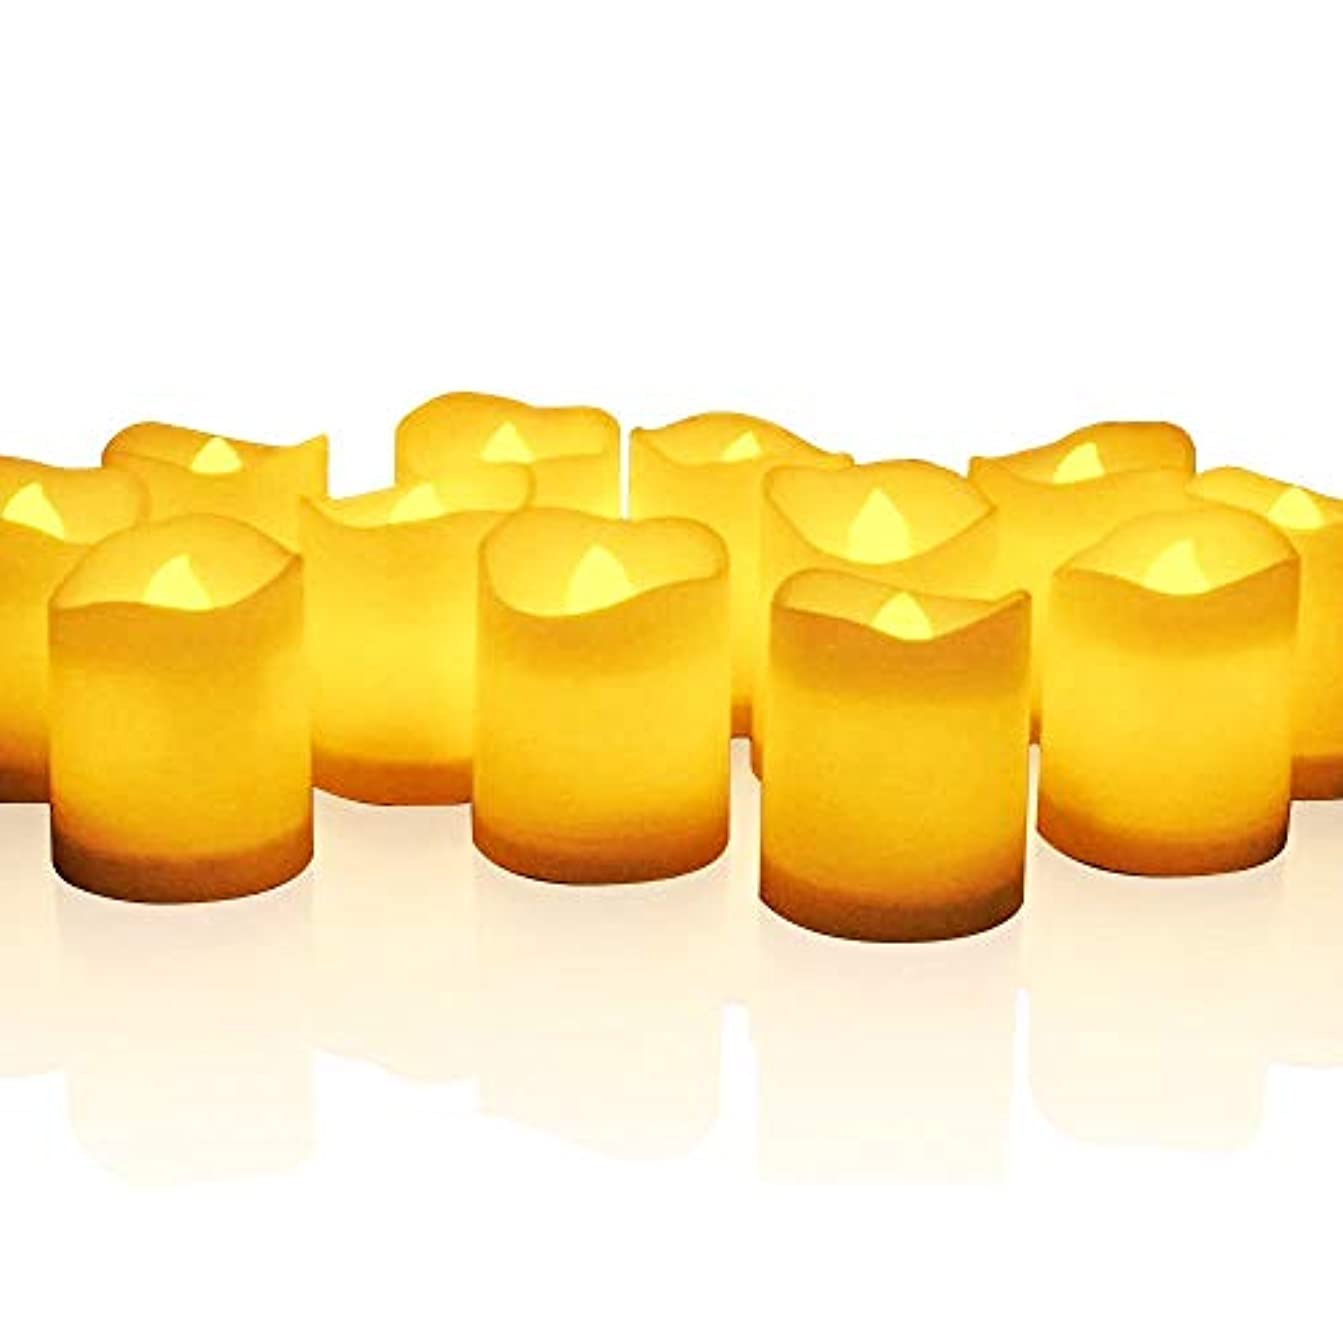 クリック瞑想的赤道midafon 24個ちらつきTealight Candles電池式Lasts Over 100時間